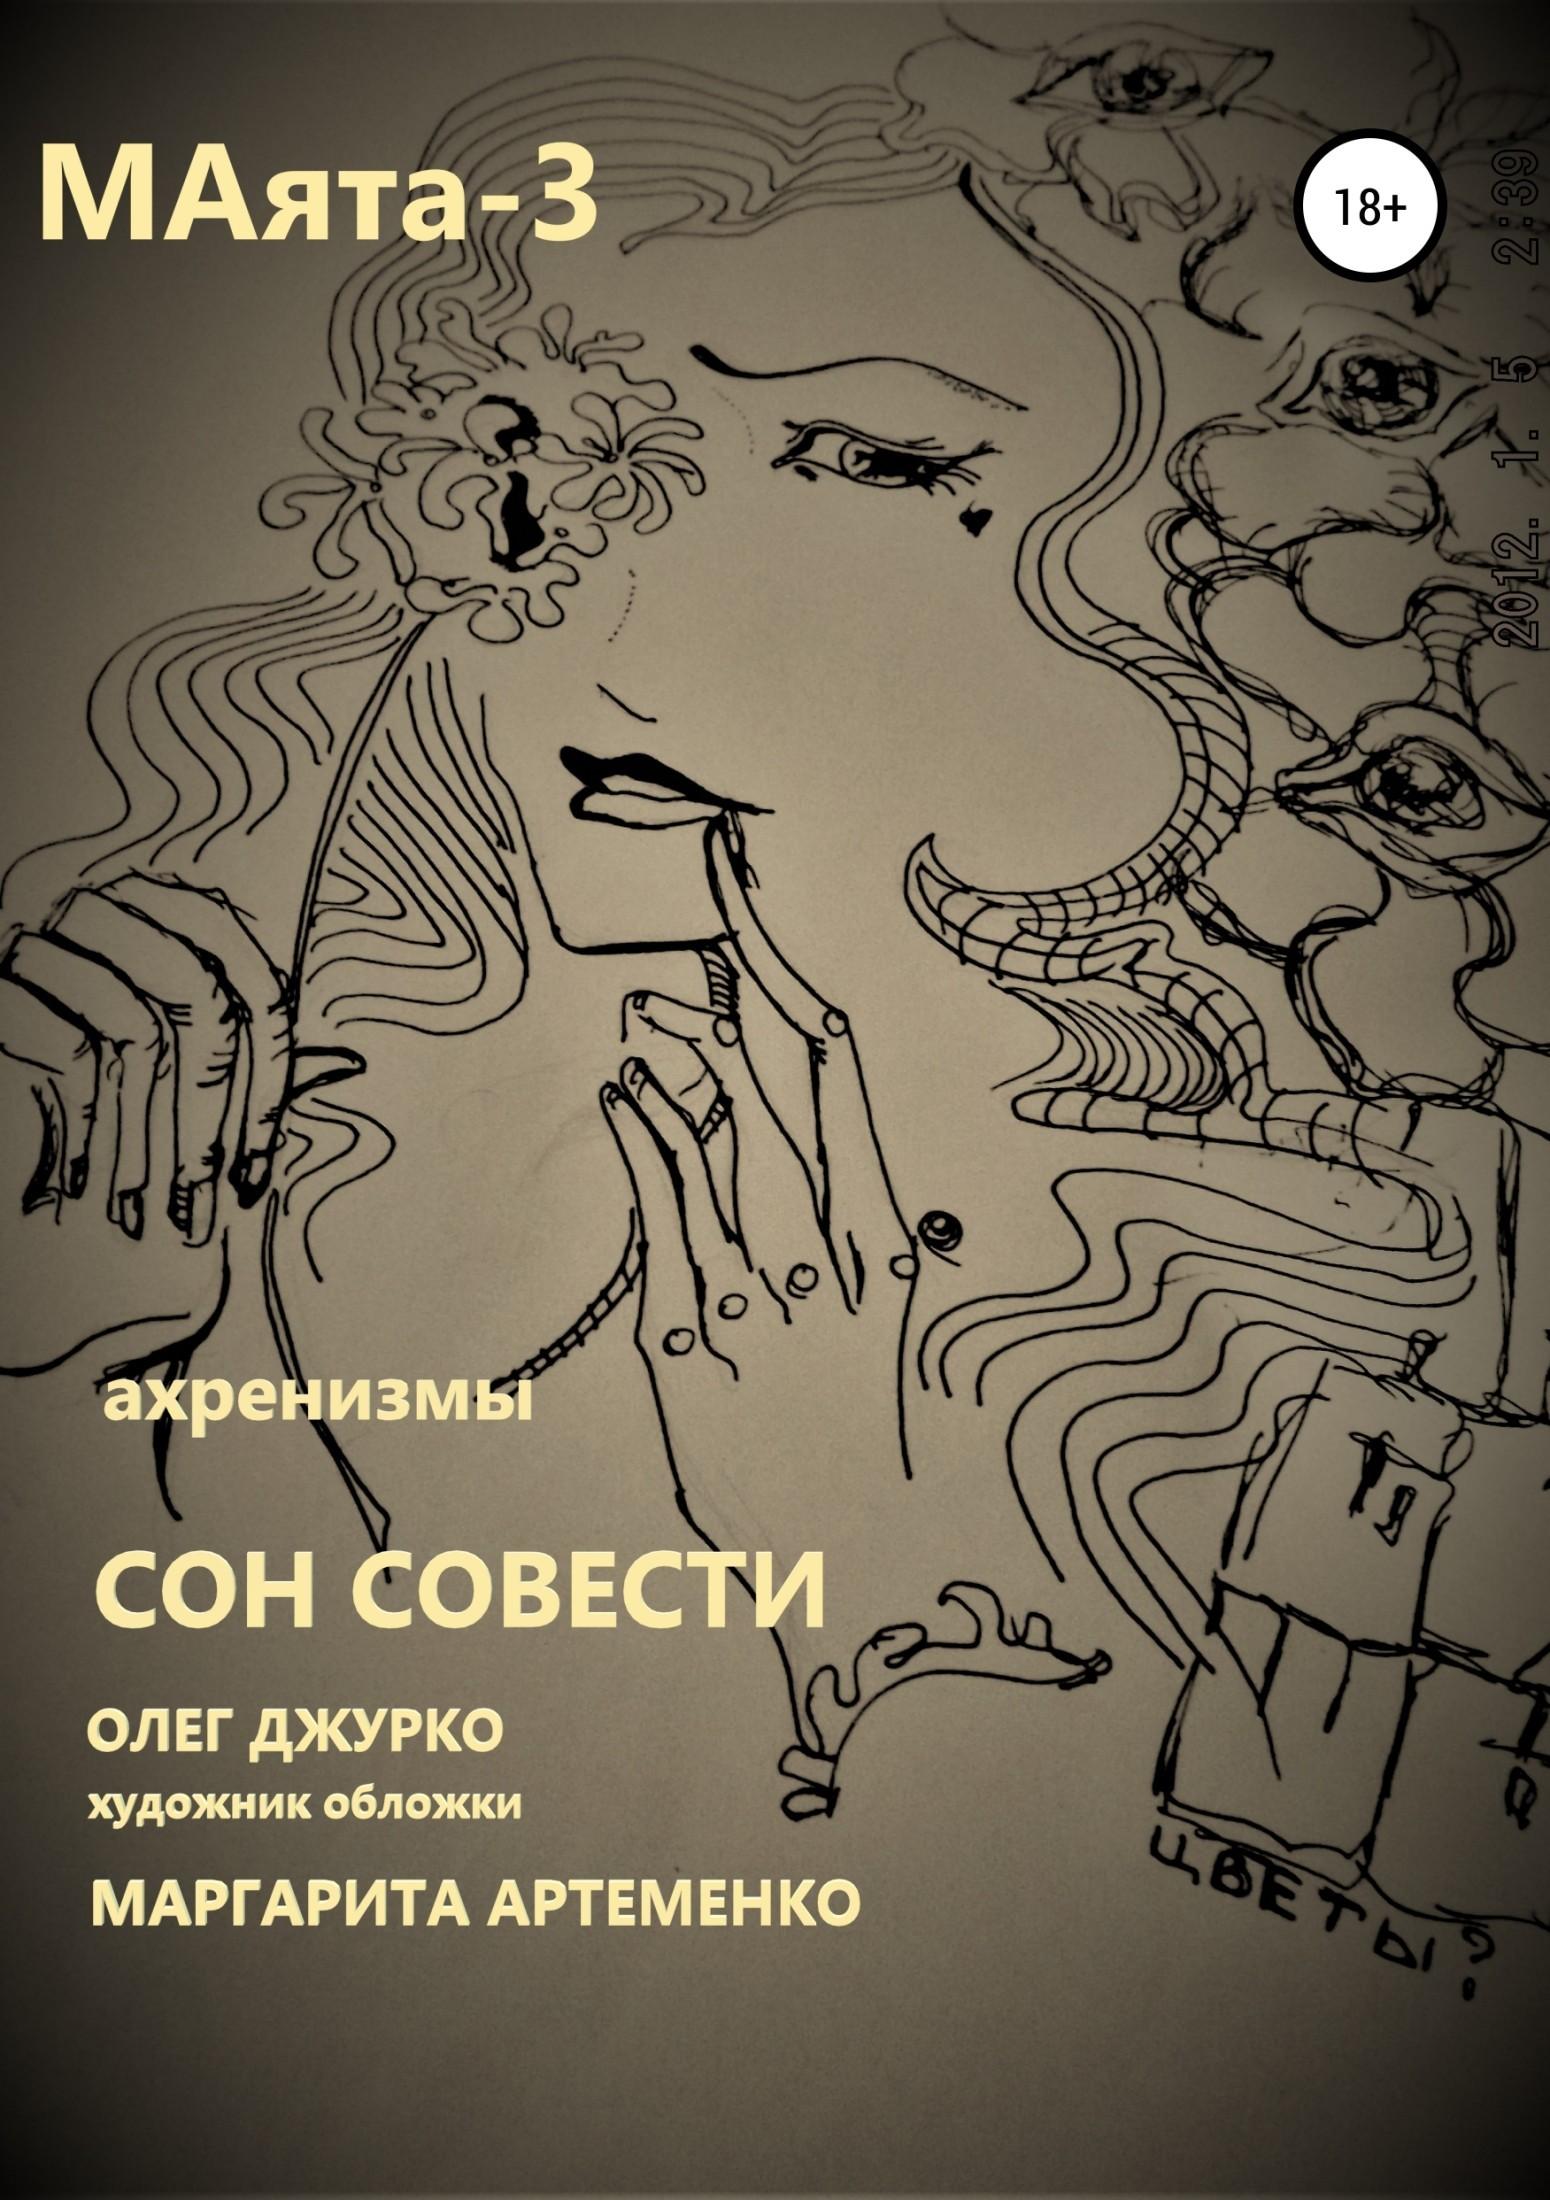 Олег Сергеевич Джурко МАяТА -3. Сон совести disney 4031474фигурка сверчок джимини говорящая совесть